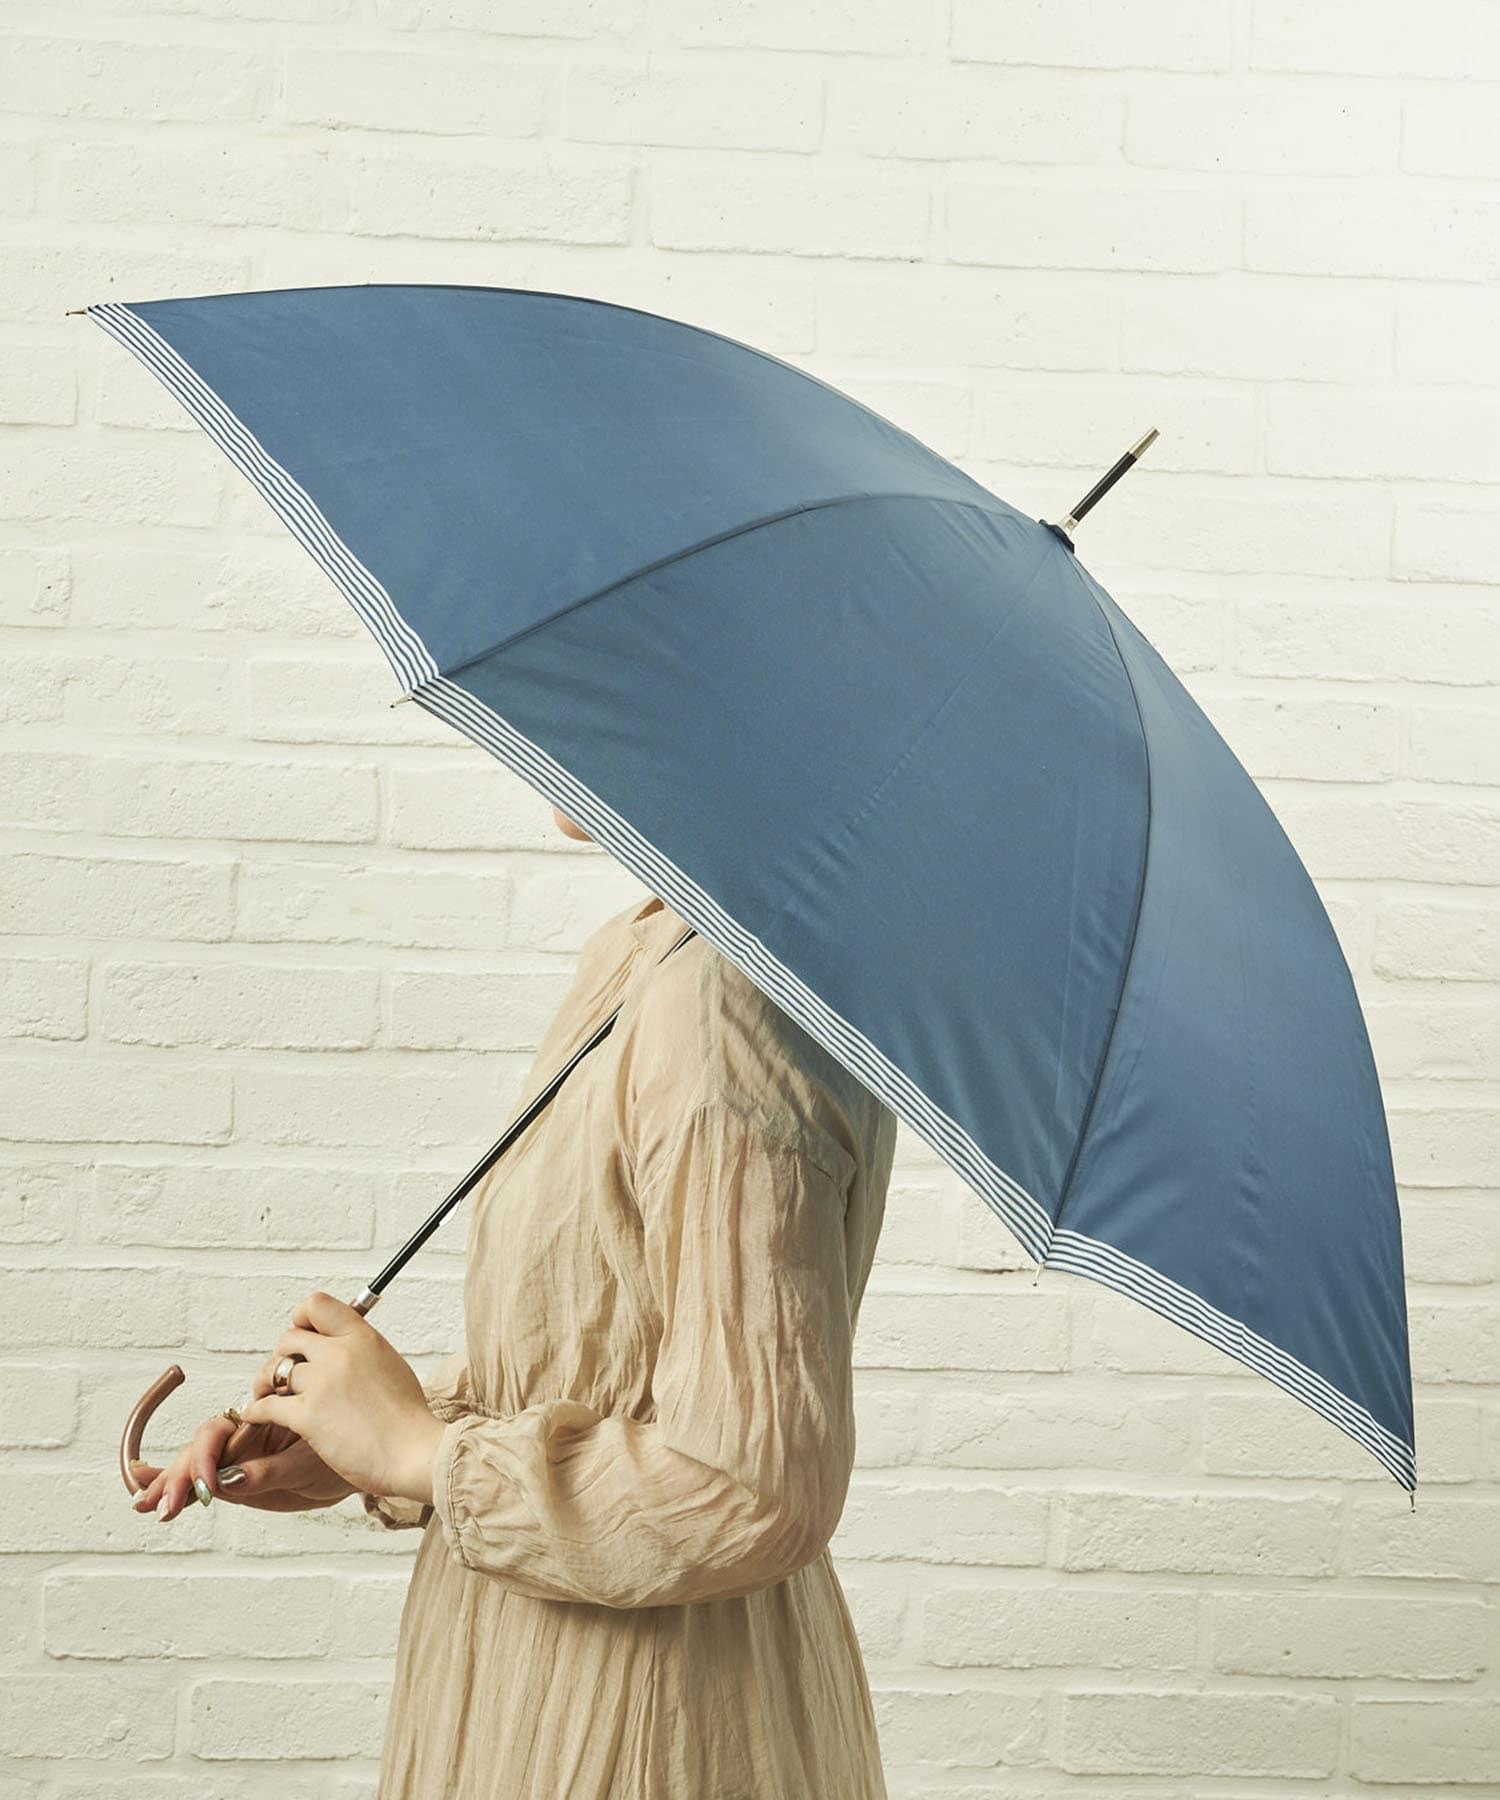 salut!(サリュ) ライフスタイル 雨傘長裾ボーダー(ネイビー) その他